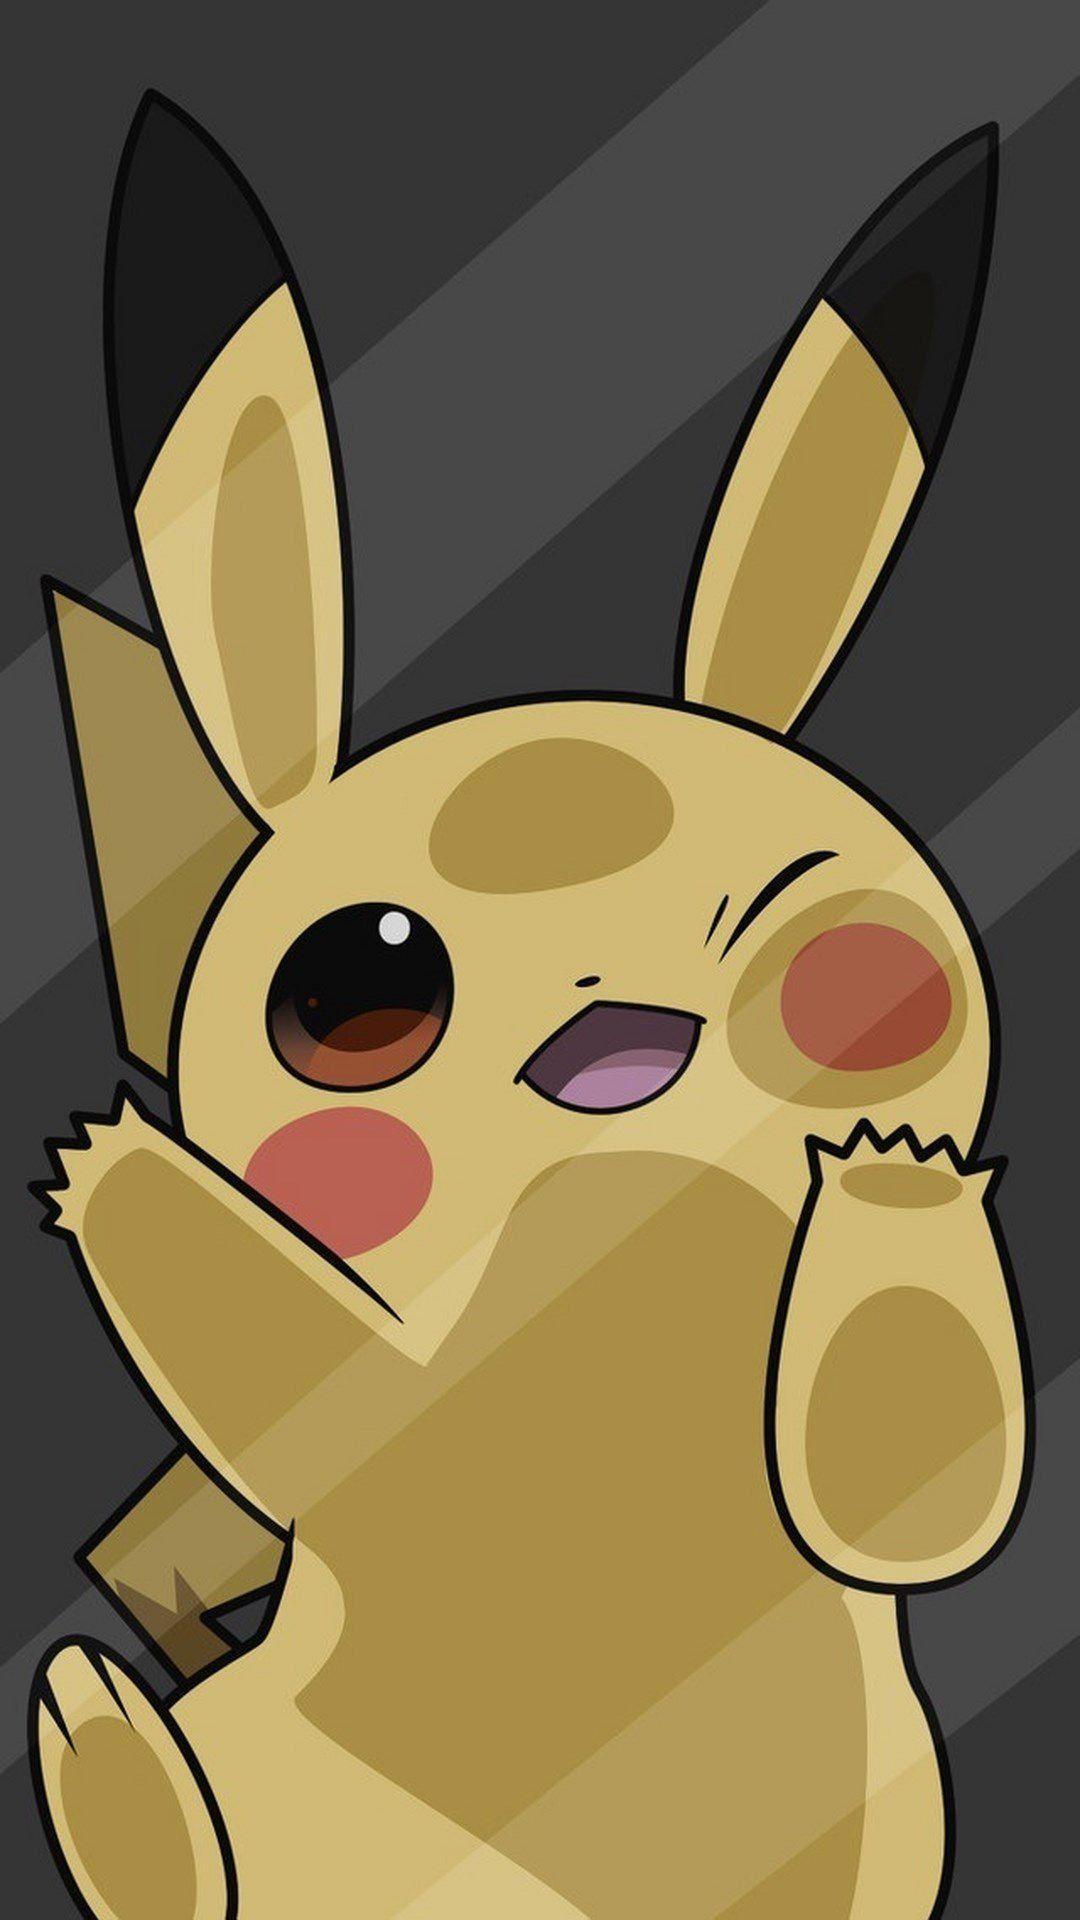 Pikachu Stuck In Phone Wallpapers Top Free Pikachu Stuck In Phone